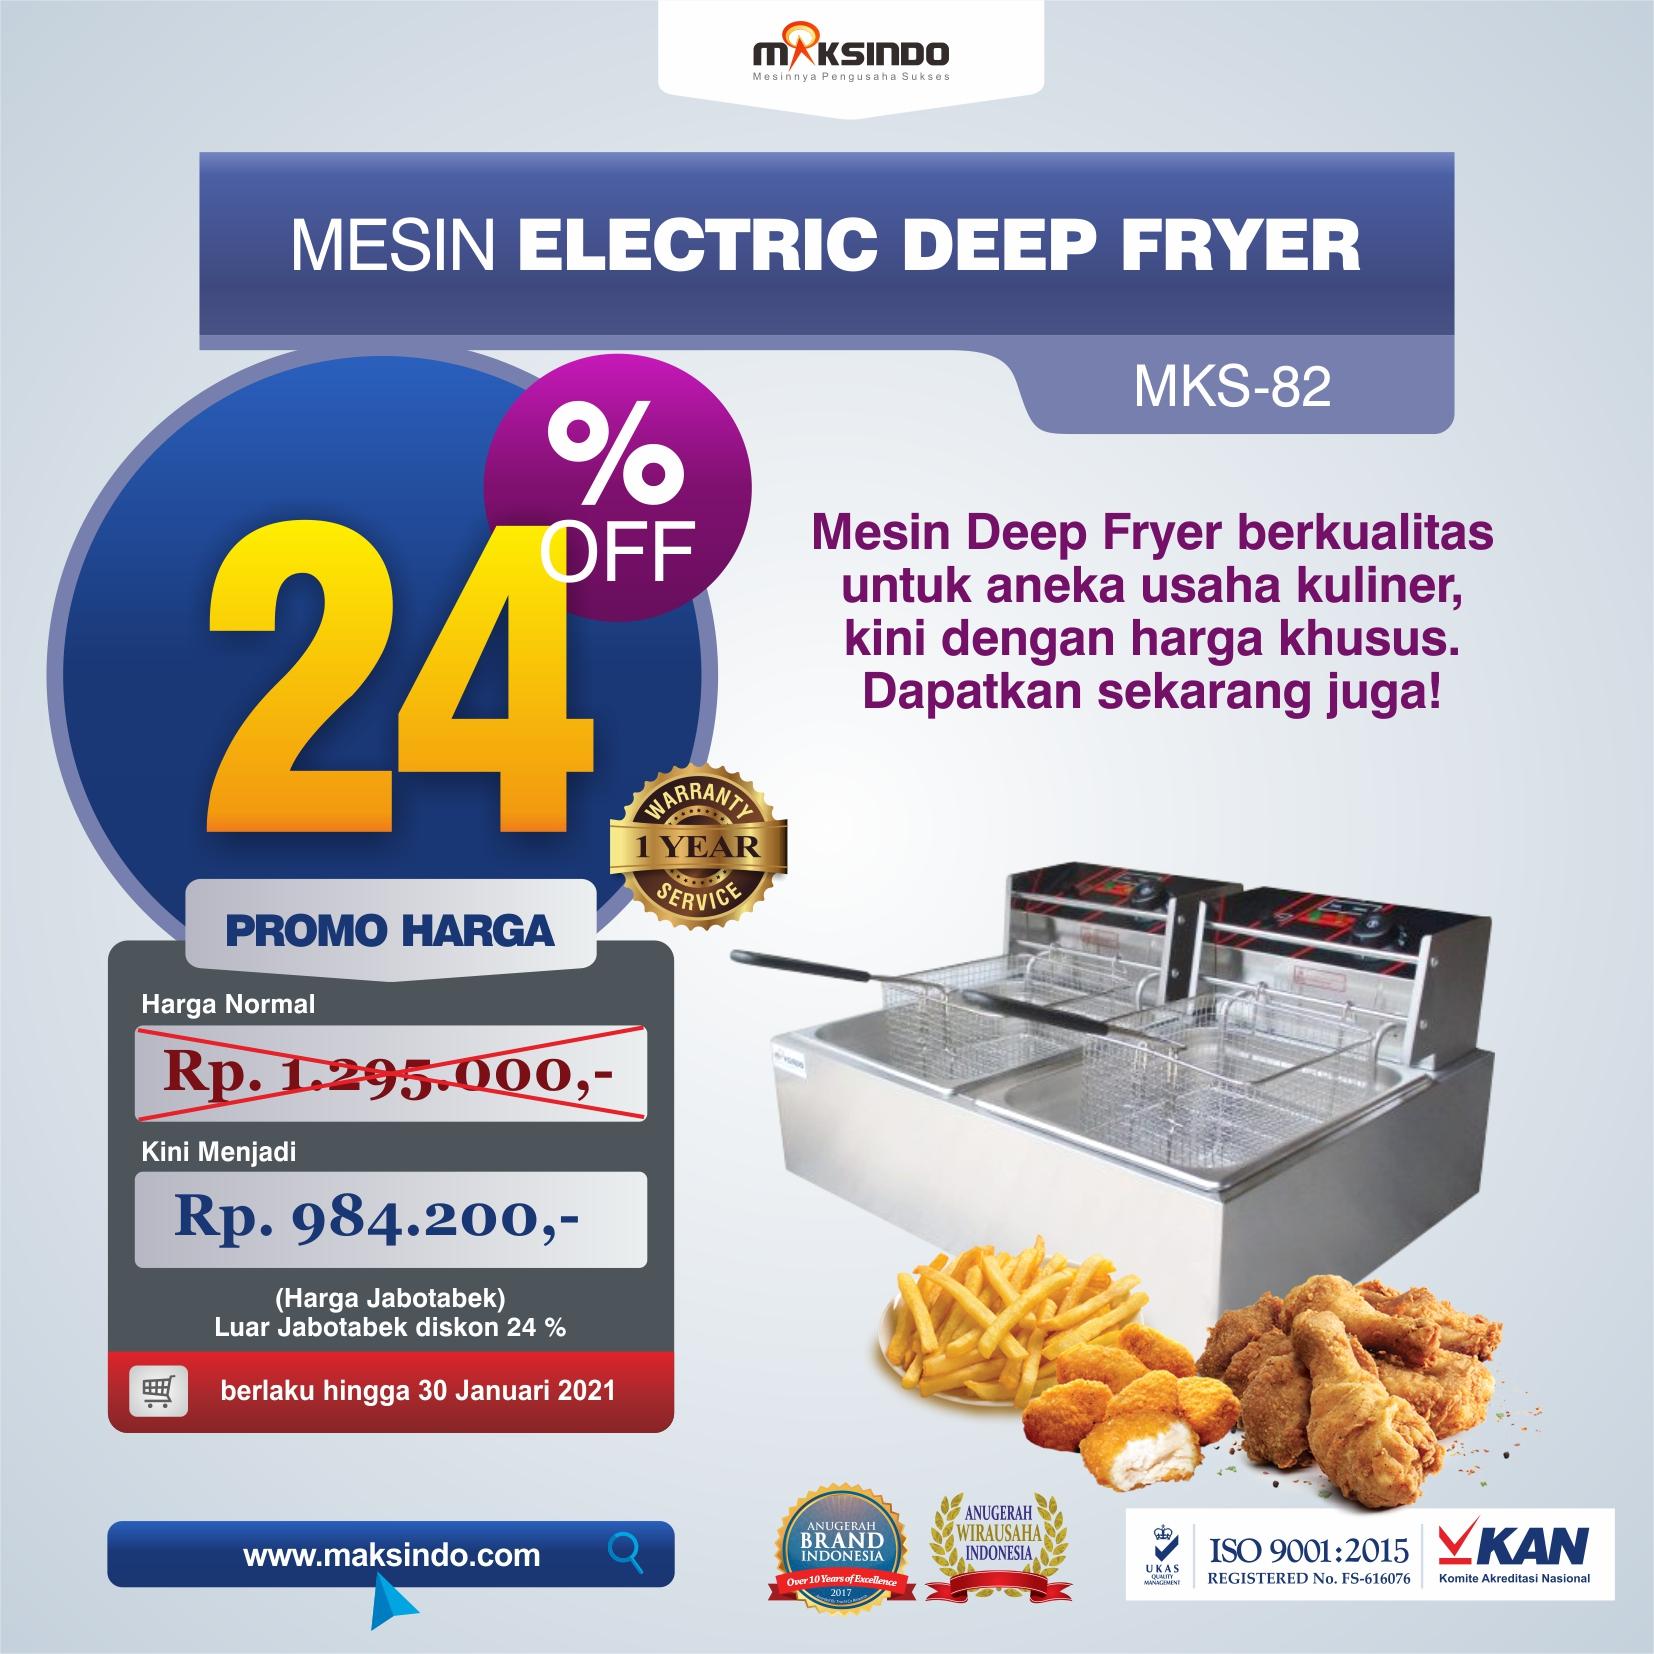 Jual Mesin Electric Deep Fryer MKS-82 di Tangerang